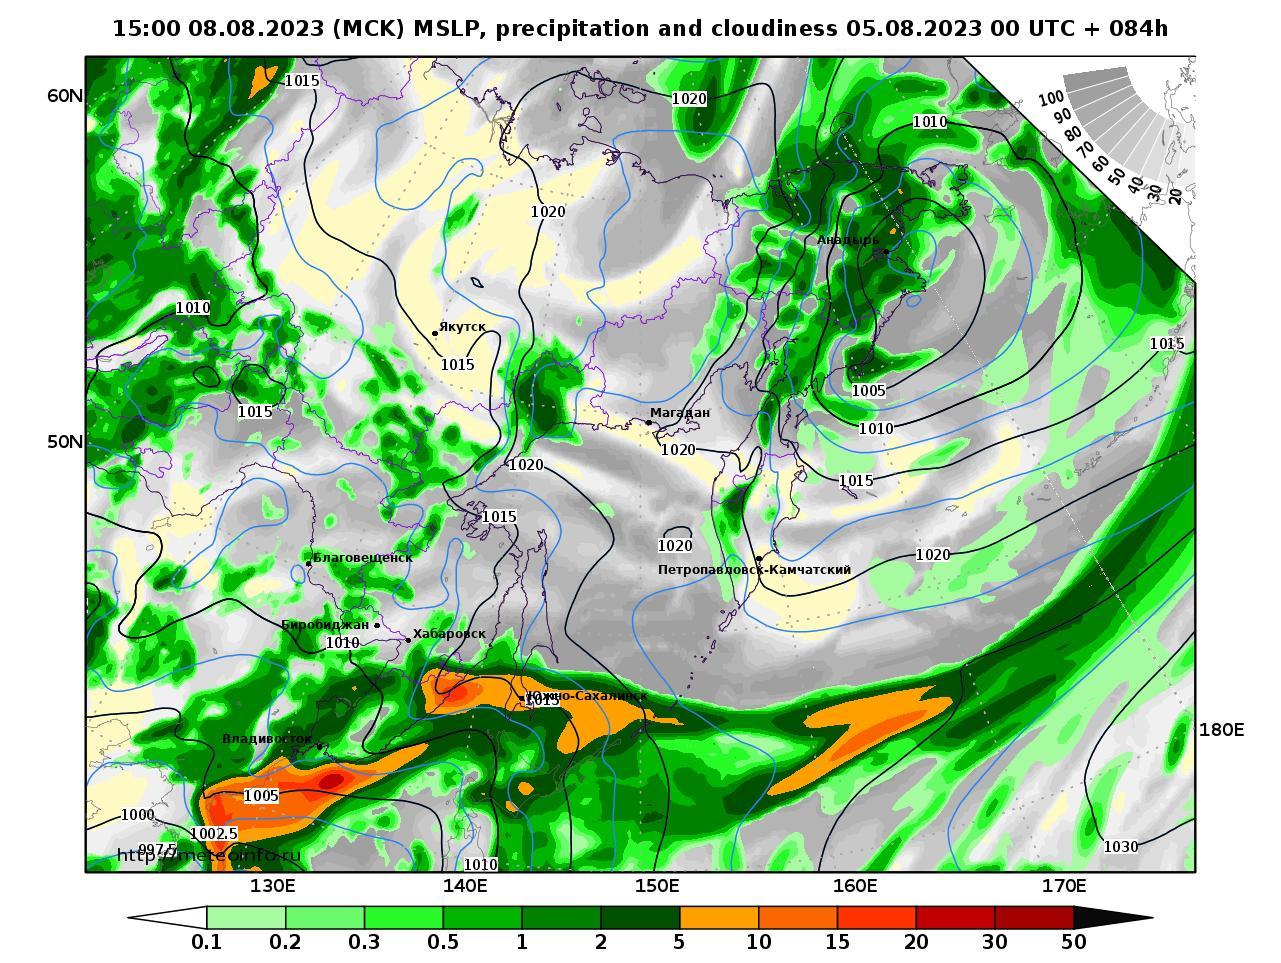 Дальний Восток, прогностическая карта осадки и давление, заблаговременность прогноза 84 часа